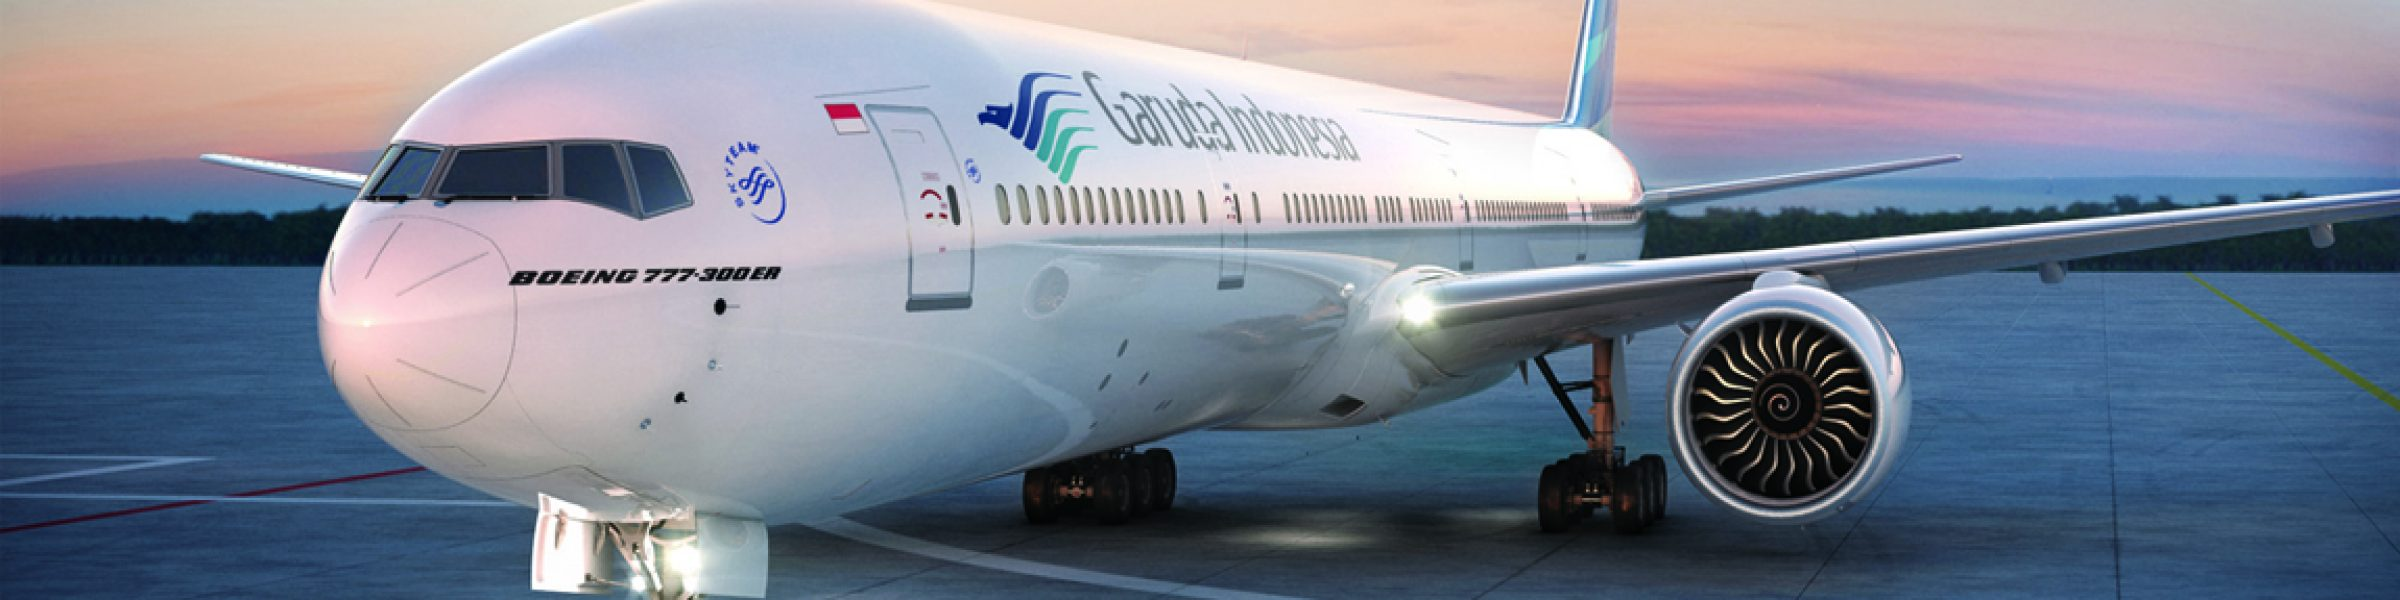 Garuda-airplane